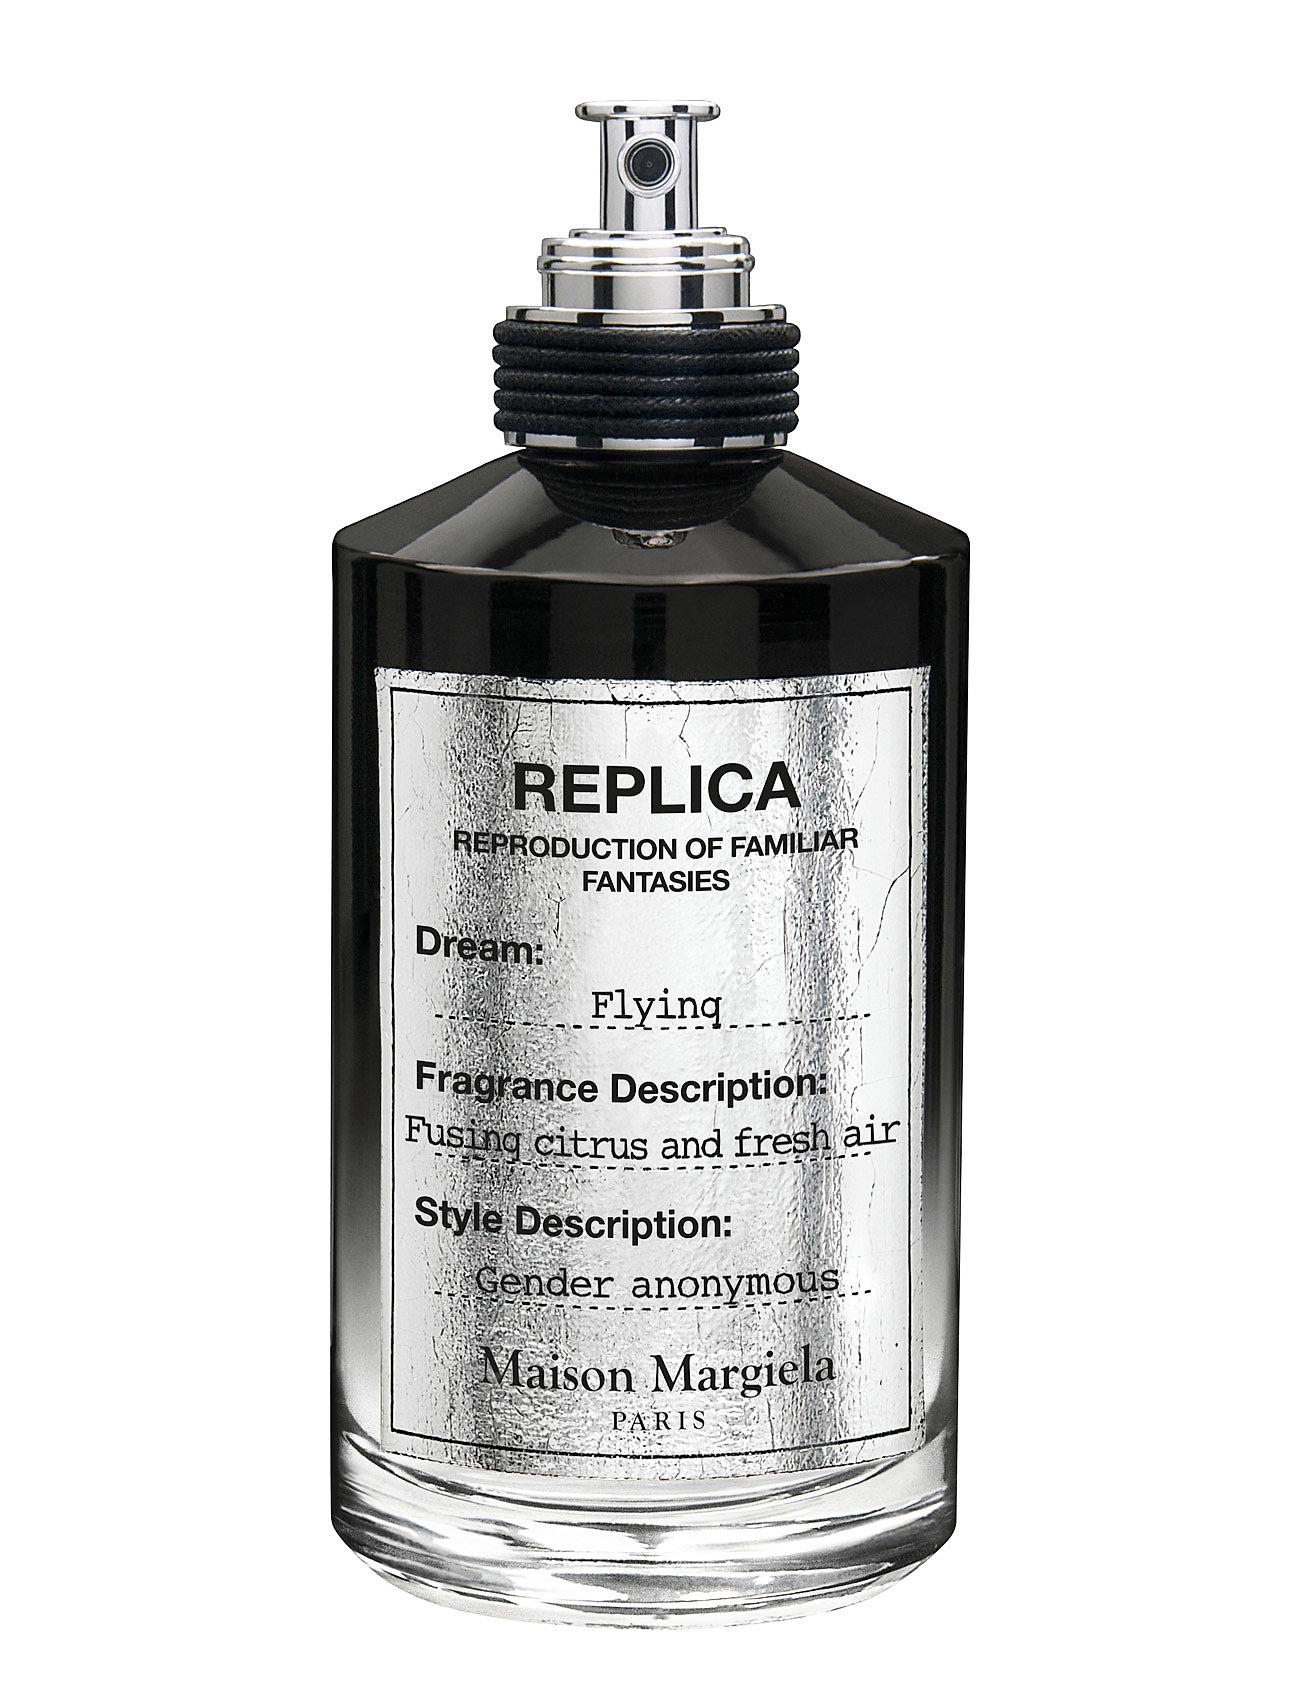 Maison margiela replica flying eau de parfum 100 ml fra maison margiela fra boozt.com dk